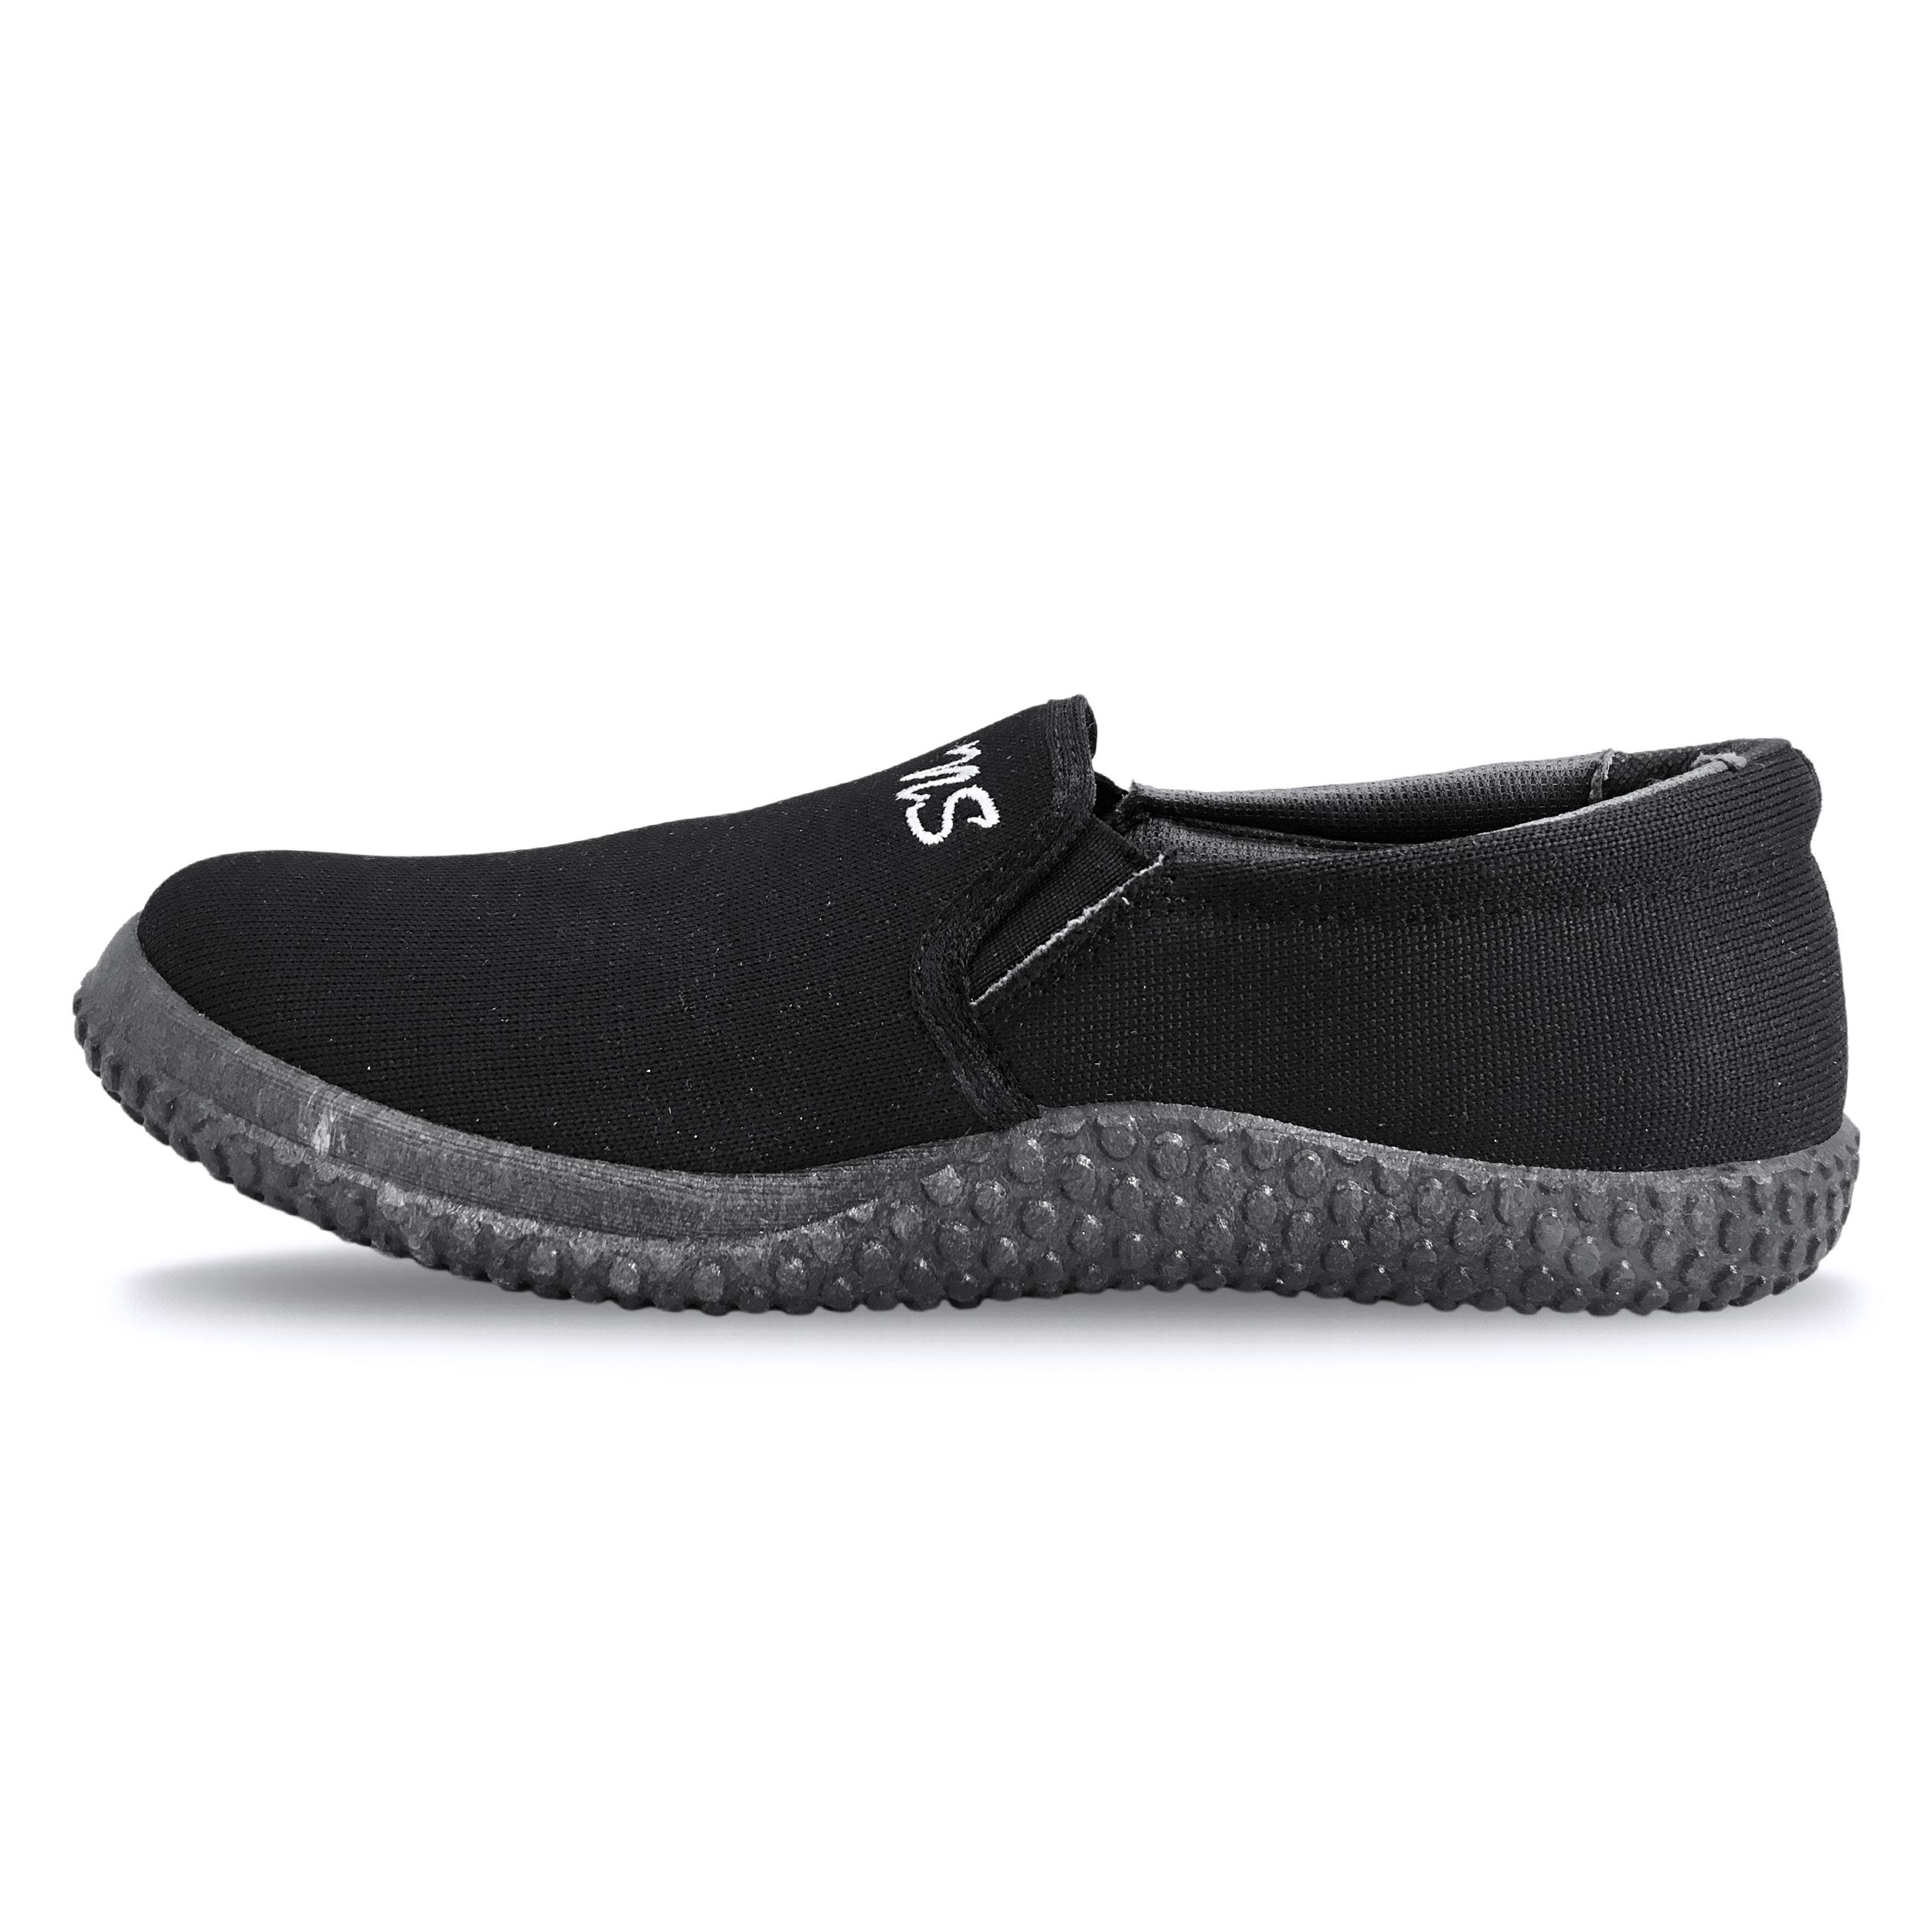 کفش مخصوص پیاده روی مردانه نسیم مدل مهرداد کد 3709